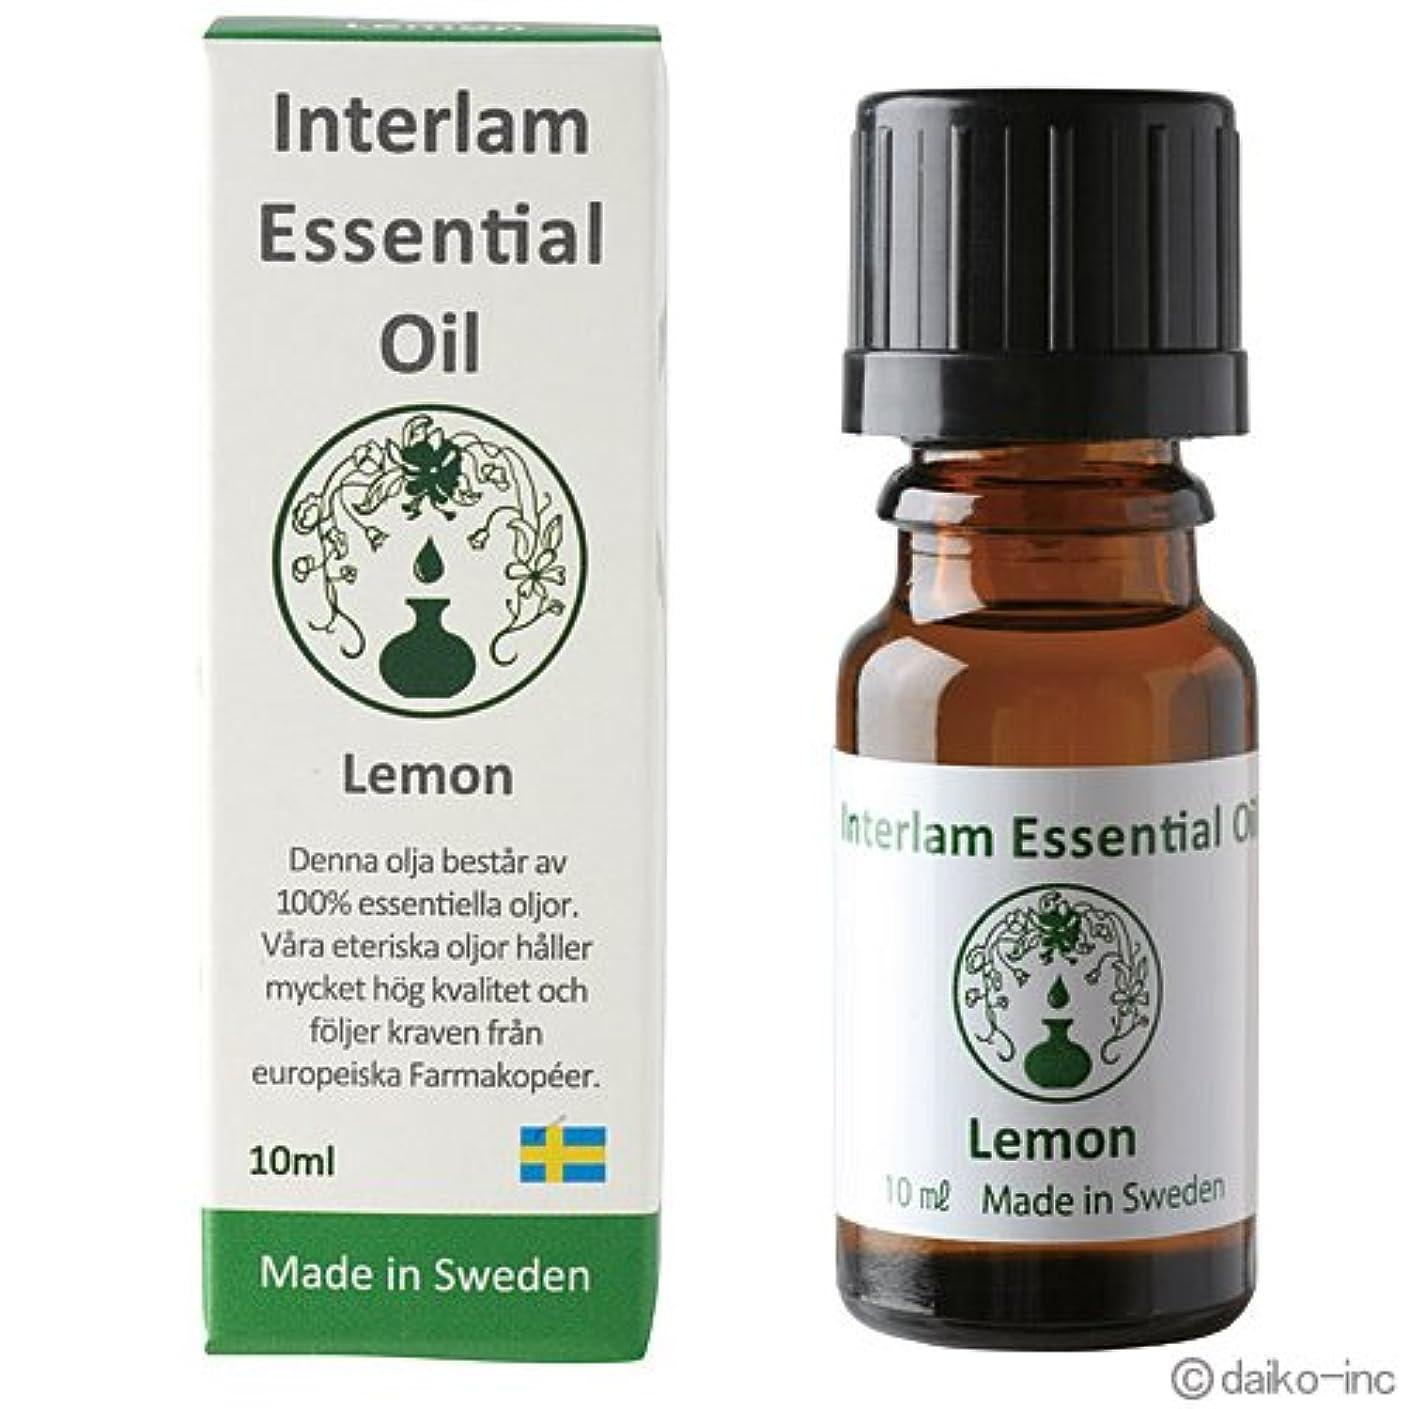 ボタン冷蔵庫つぶやきInterlam Essential Oil レモン 10ml